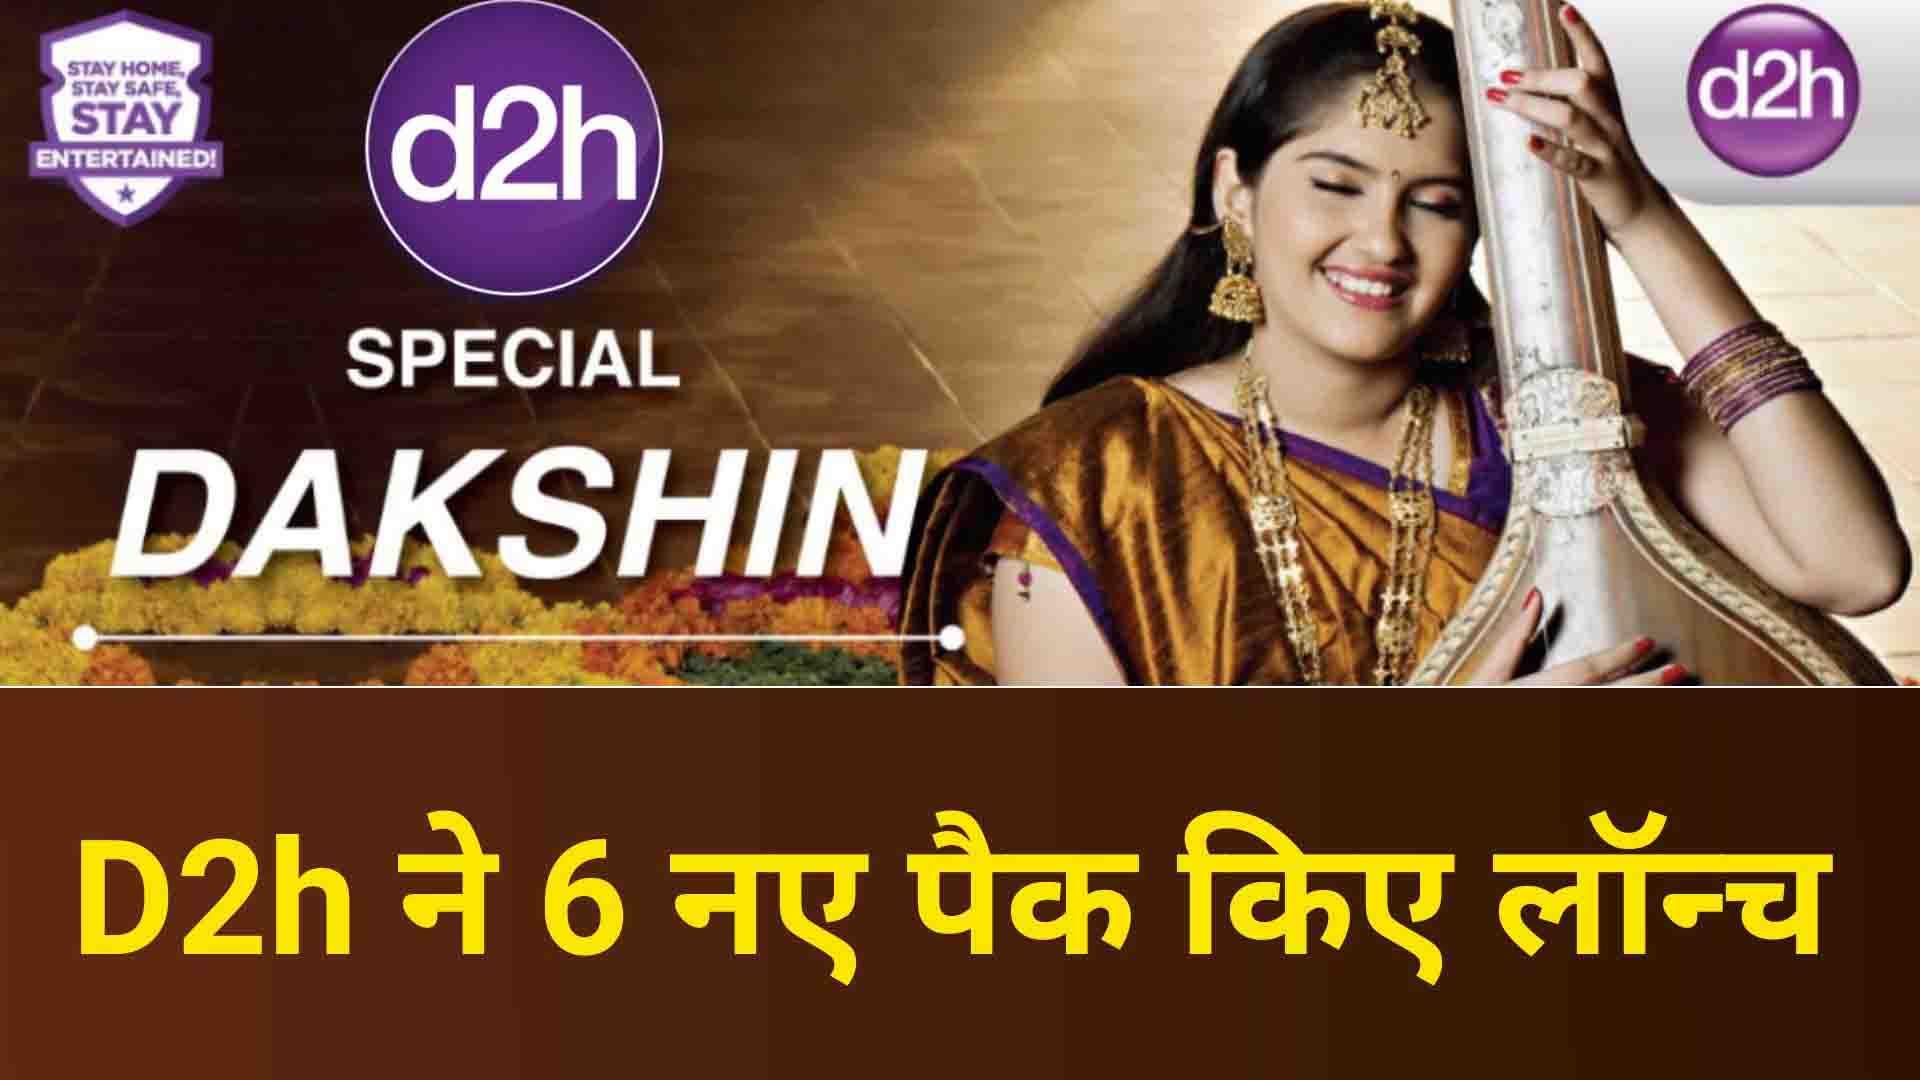 d2h Special Dakshin Video